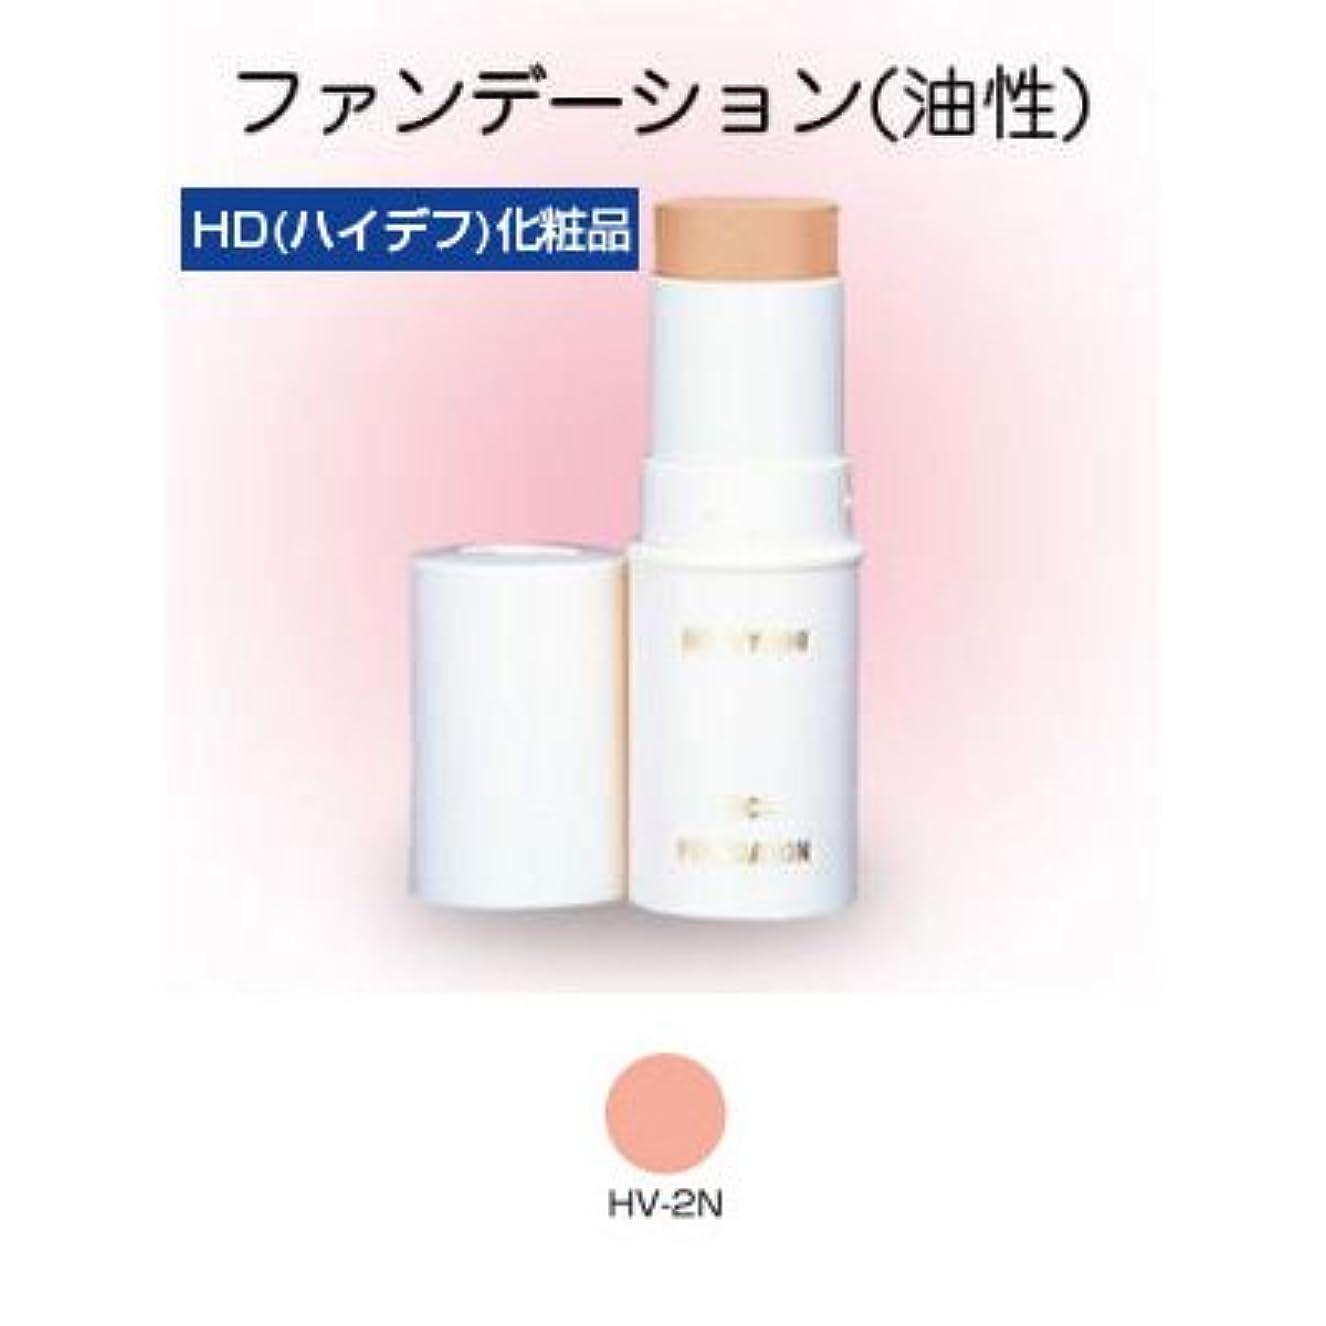 見えるワゴンリードスティックファンデーション HD化粧品 17g 2NR 【三善】